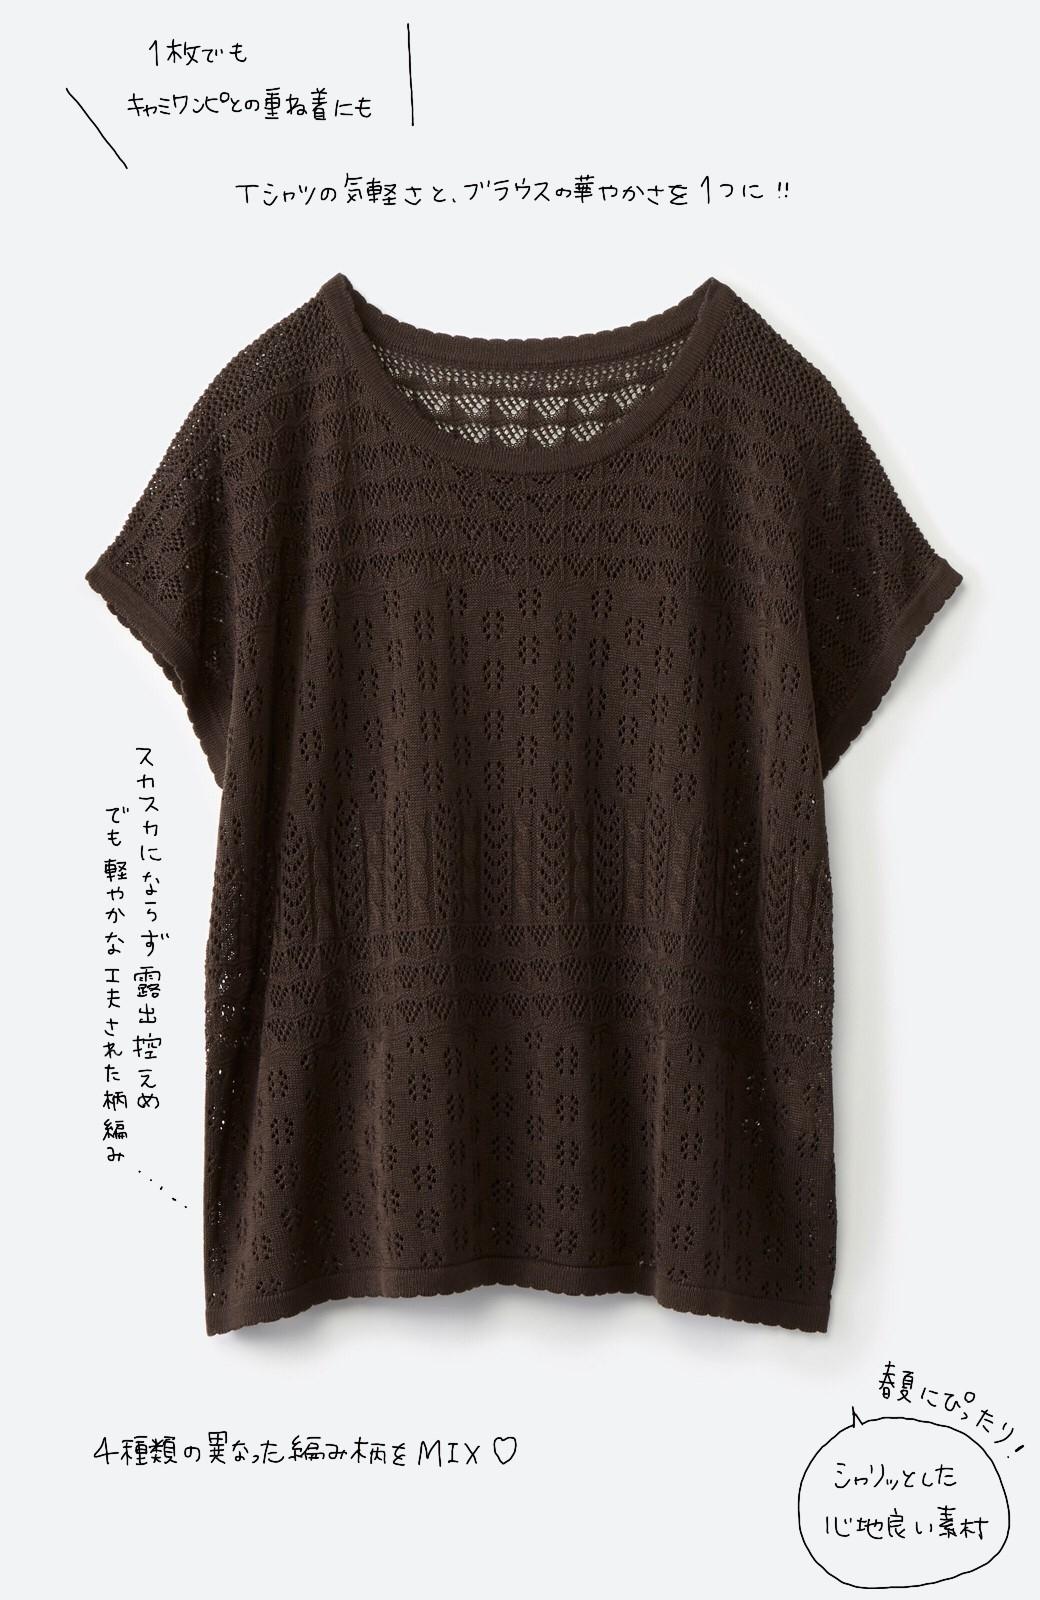 haco! 1枚でも重ね着にも便利なヘビロテしたくなる透かし編みニットトップス <チョコ>の商品写真2